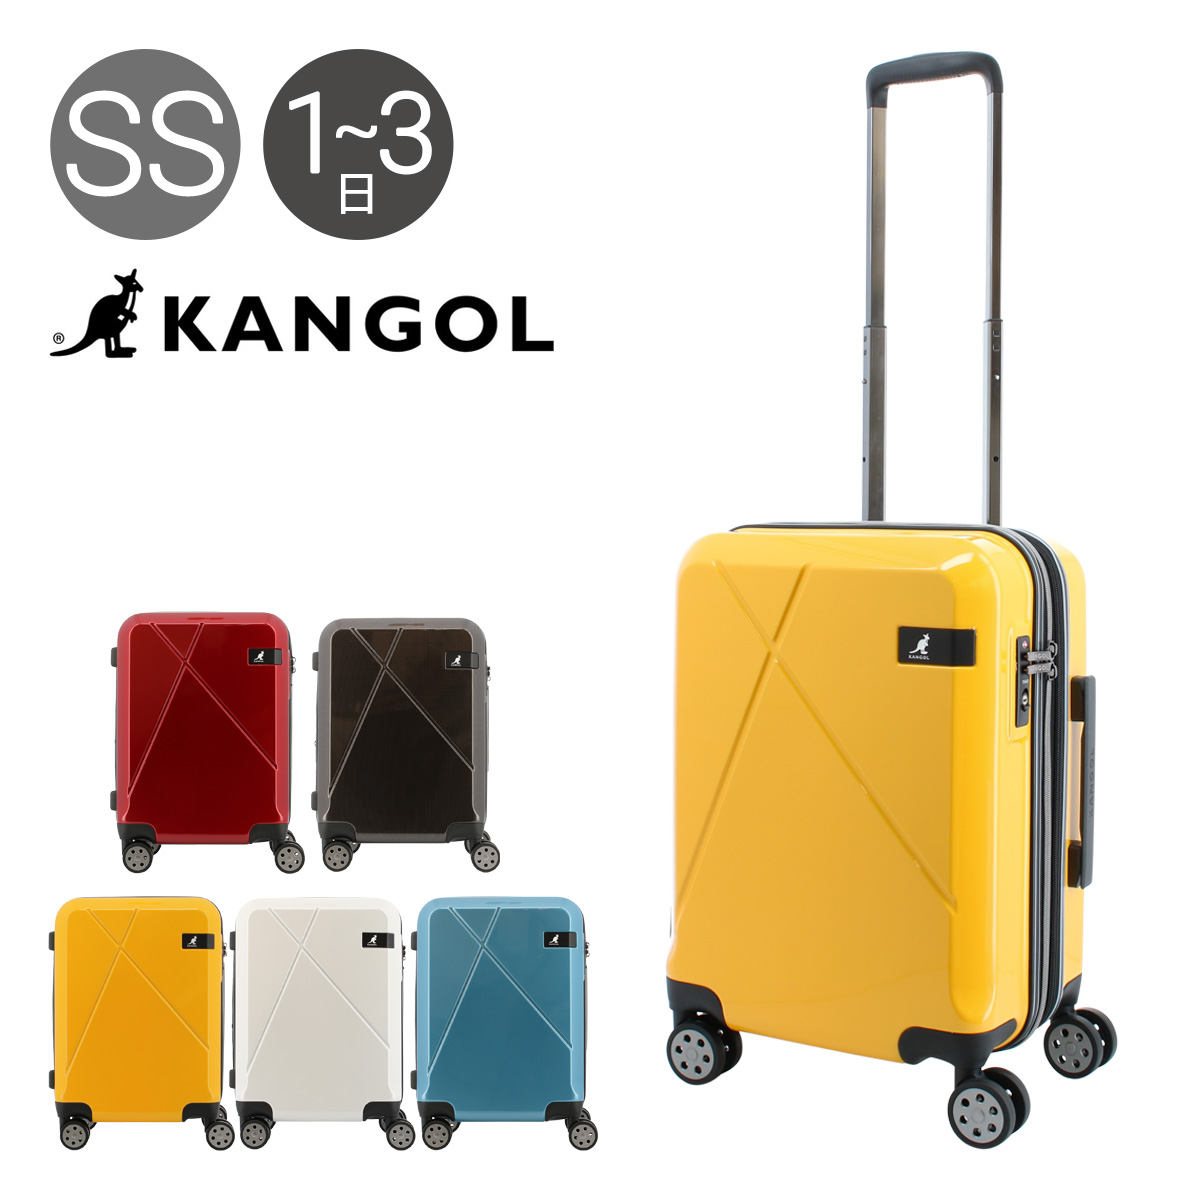 カンゴール スーツケース 53cm 35L 3.2kg クロスエイト 250-5701 KANGOL | ハード ファスナー | キャリーケース キャリーバッグ 拡張 TSAロック搭載[PO10][即日発送]